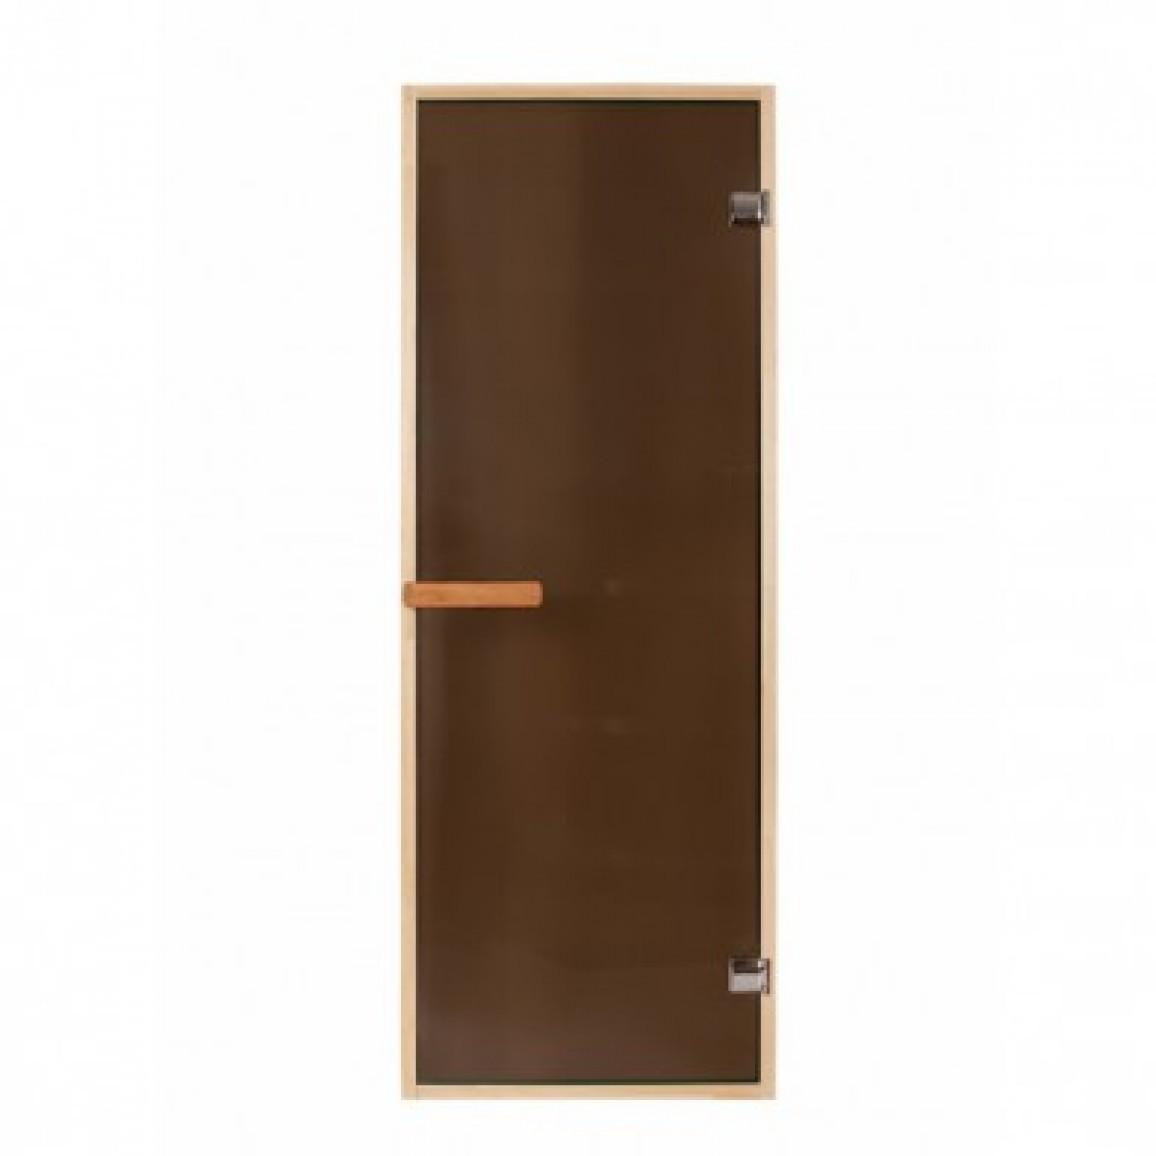 Дверь PREMIO 700х1870, стекло бронза, коробка ЛИПА